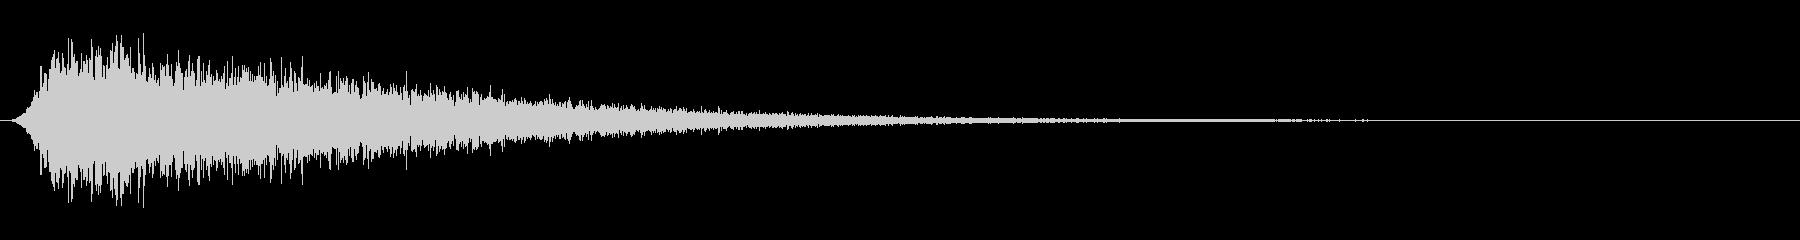 タイトルメニュー_キャンセル01-2の未再生の波形